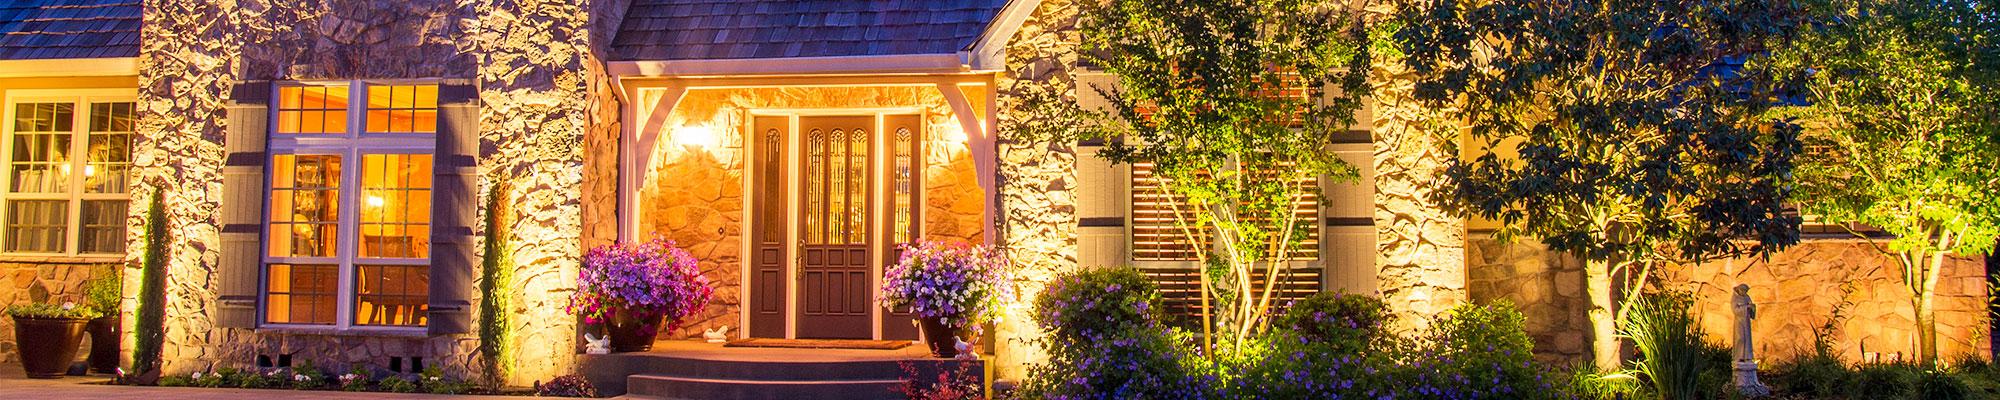 residential-lighting-led